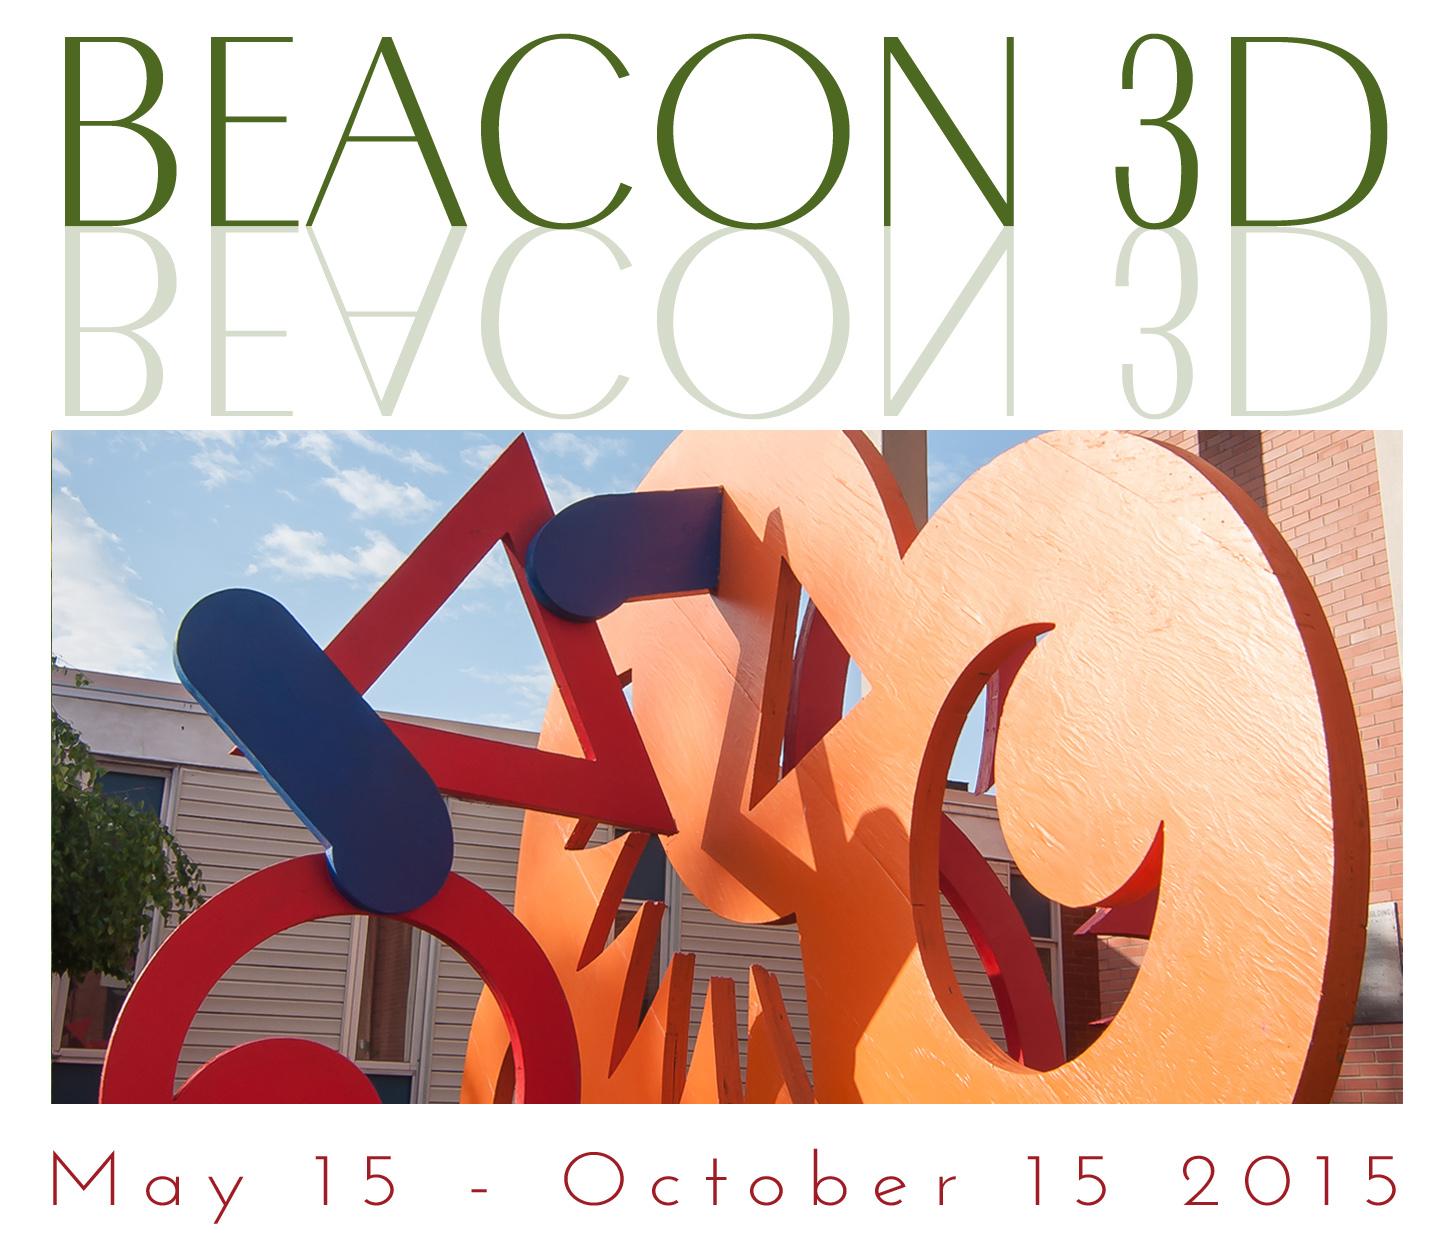 beacon3d-2015